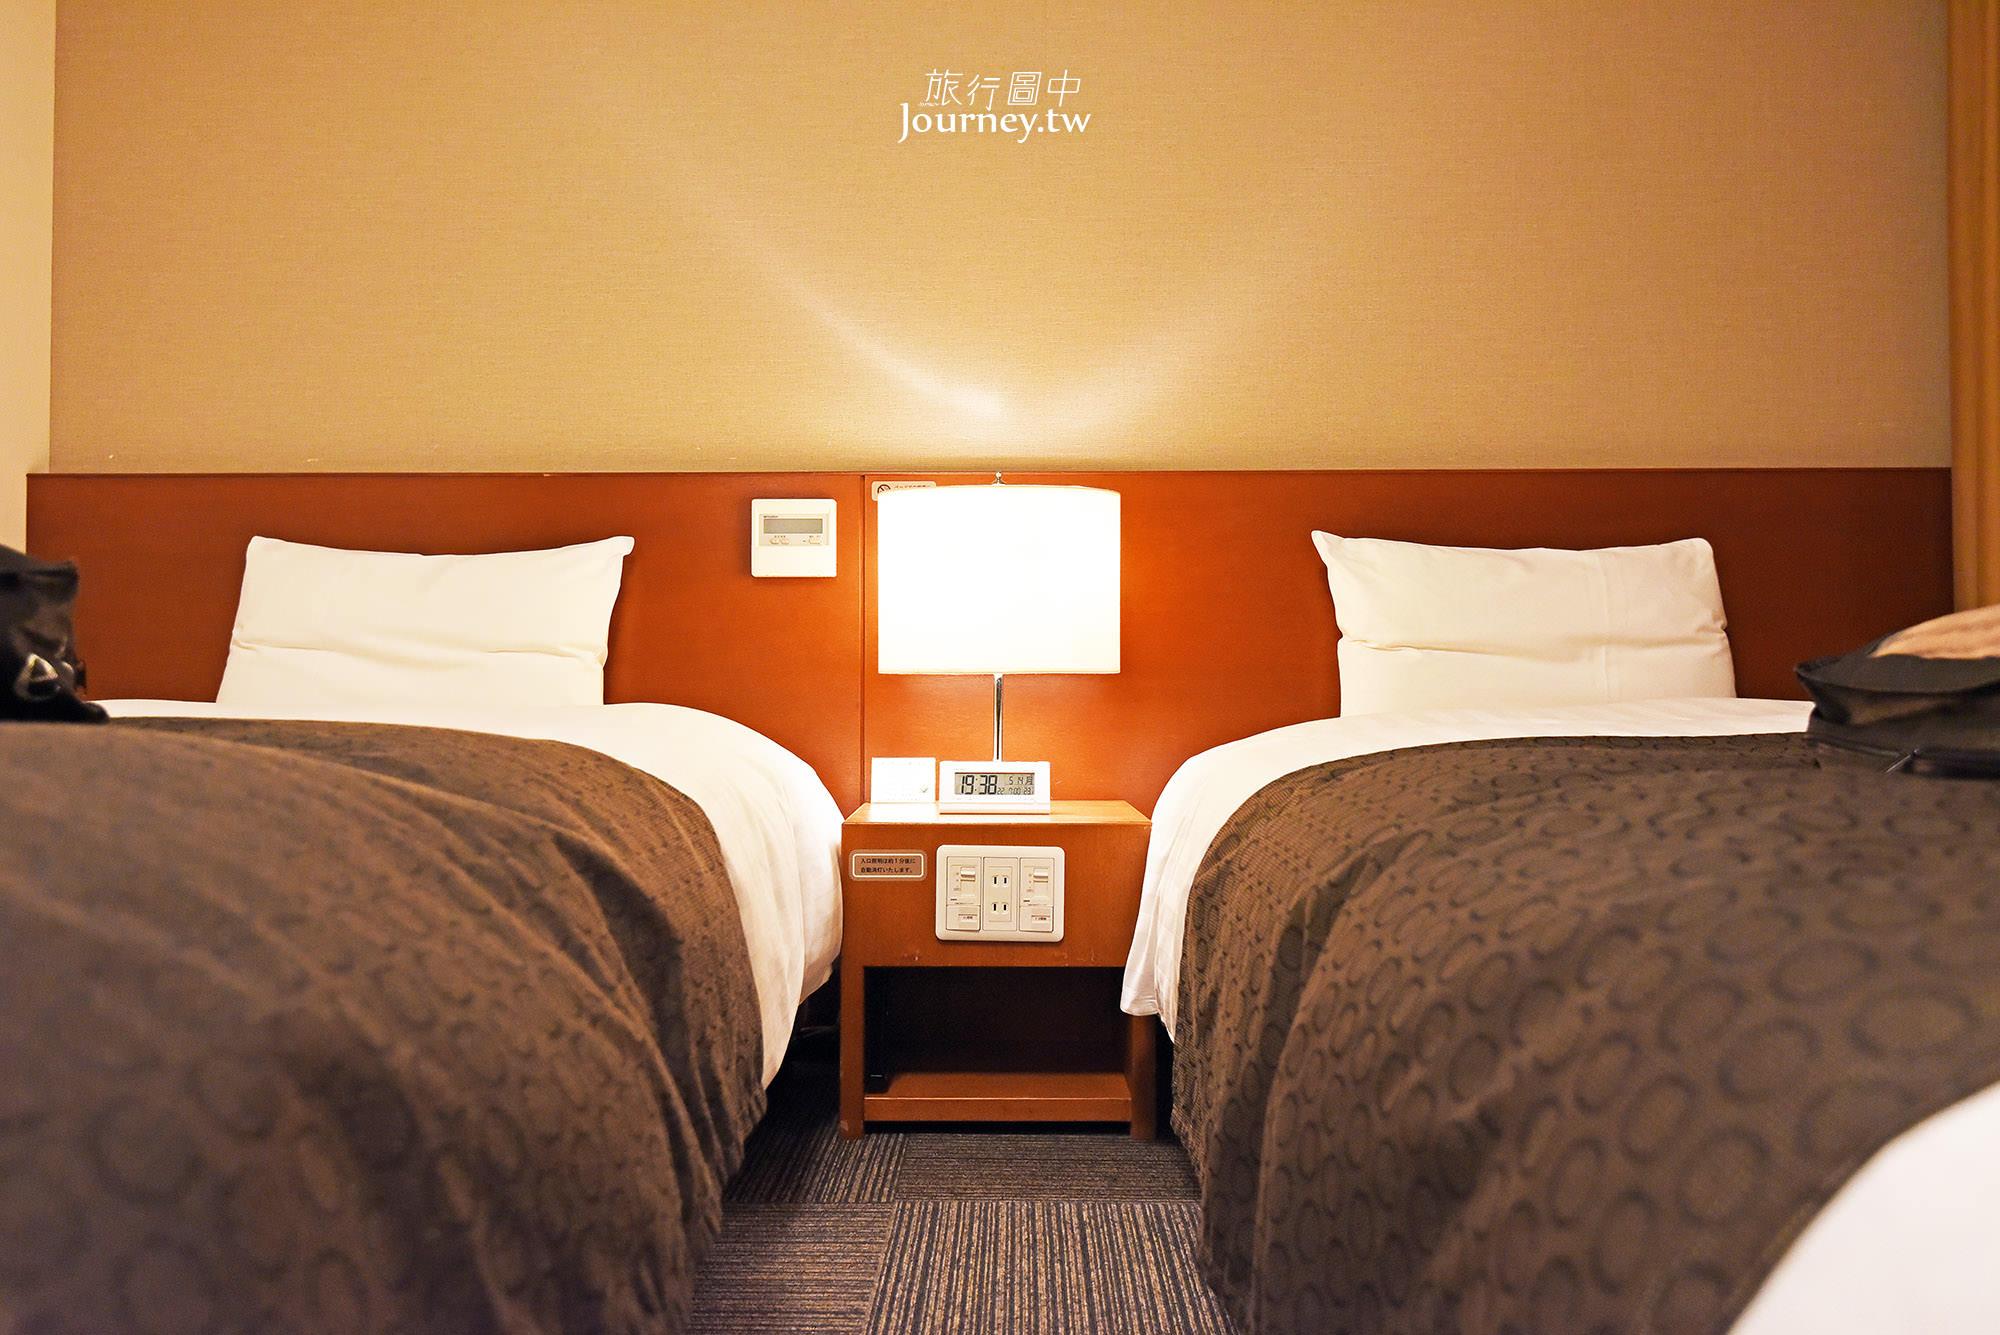 北海道,苫小牧住宿,Dormy Inn,苫小牧天然溫泉